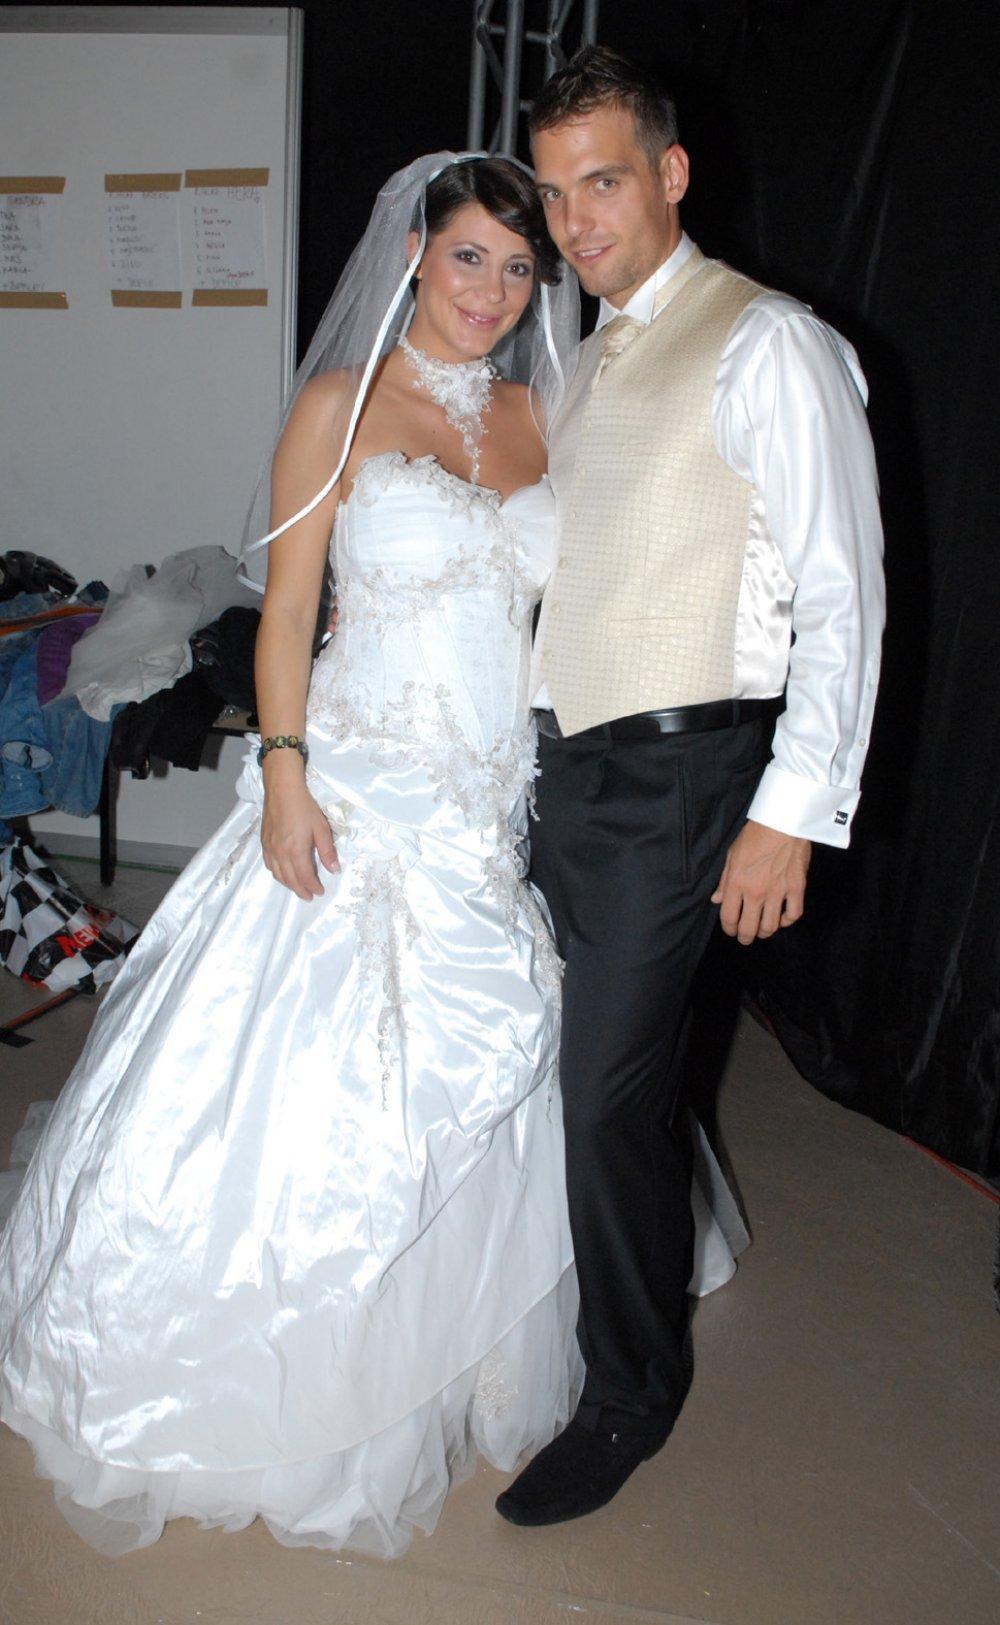 izlazi 10 godina prije braka